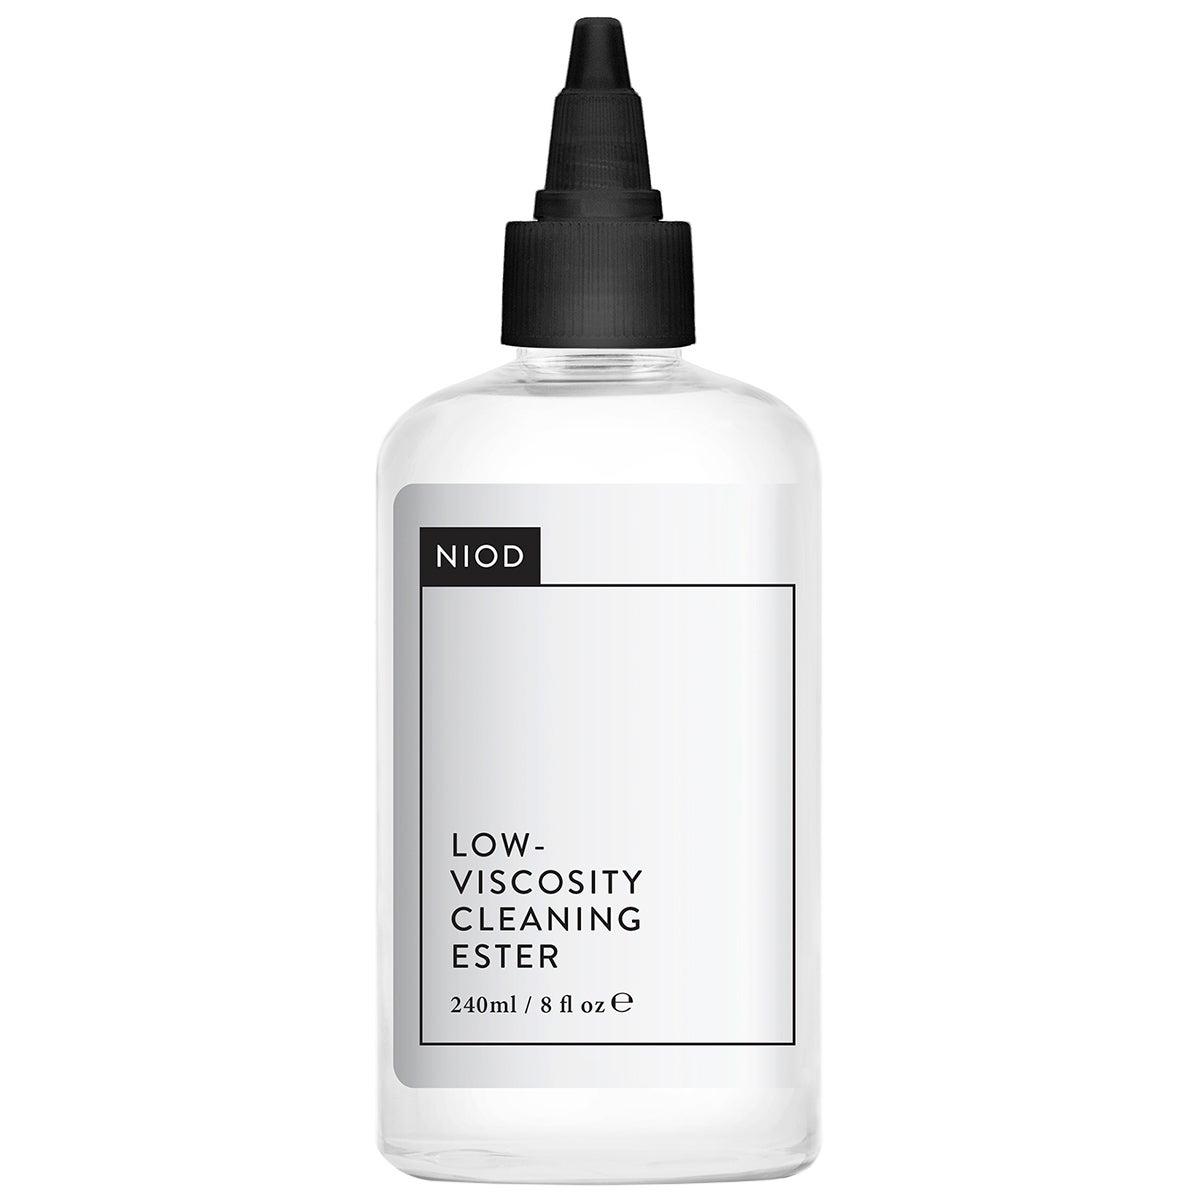 Low-Viscosity Cleaning Ester 240 ml NIOD Ansiktsrengöring